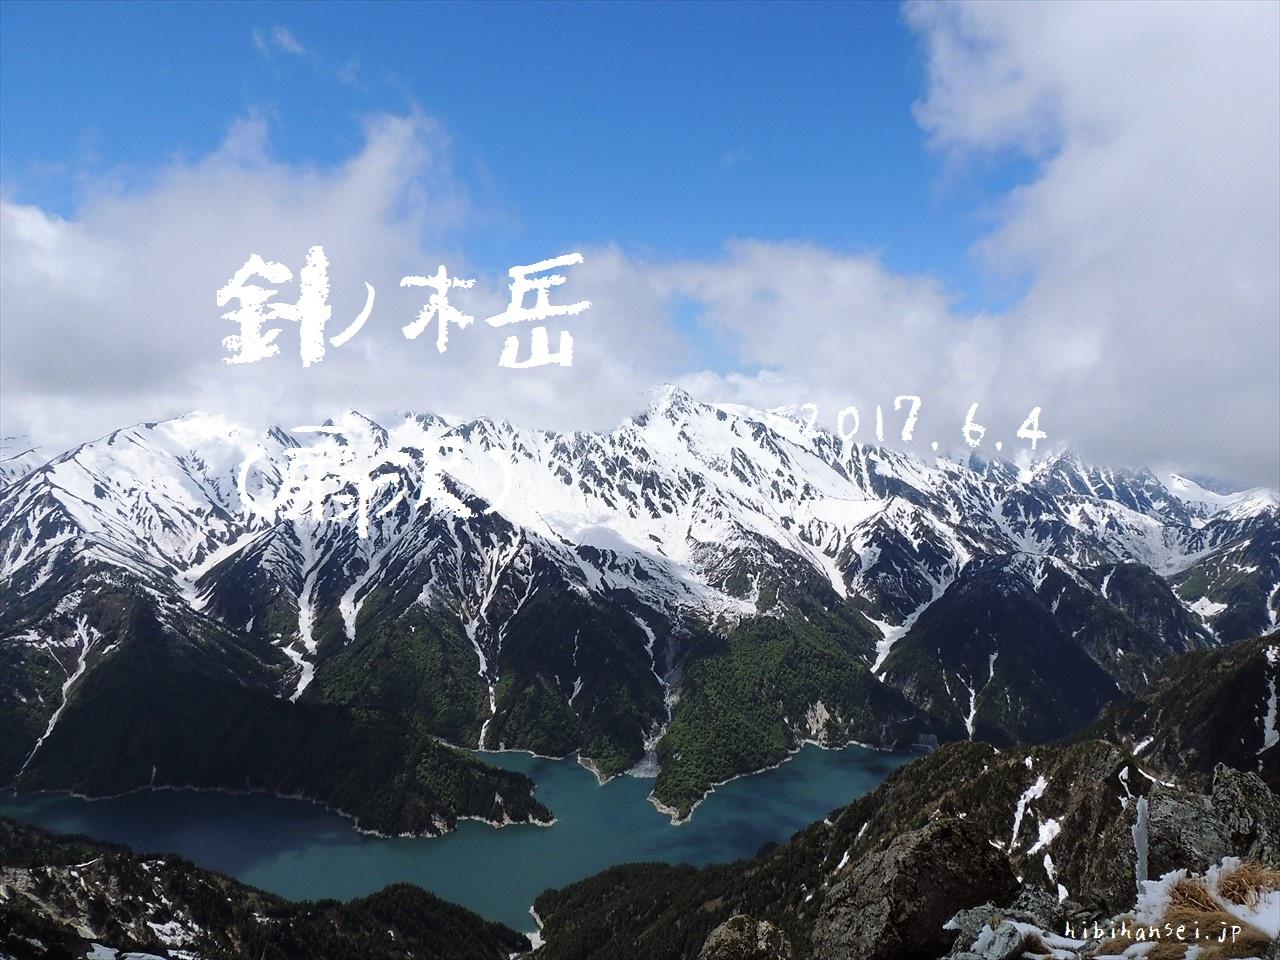 針ノ木岳 雪山登山(扇沢) 北アルプスのへそと慎太郎祭(2017.6.4)